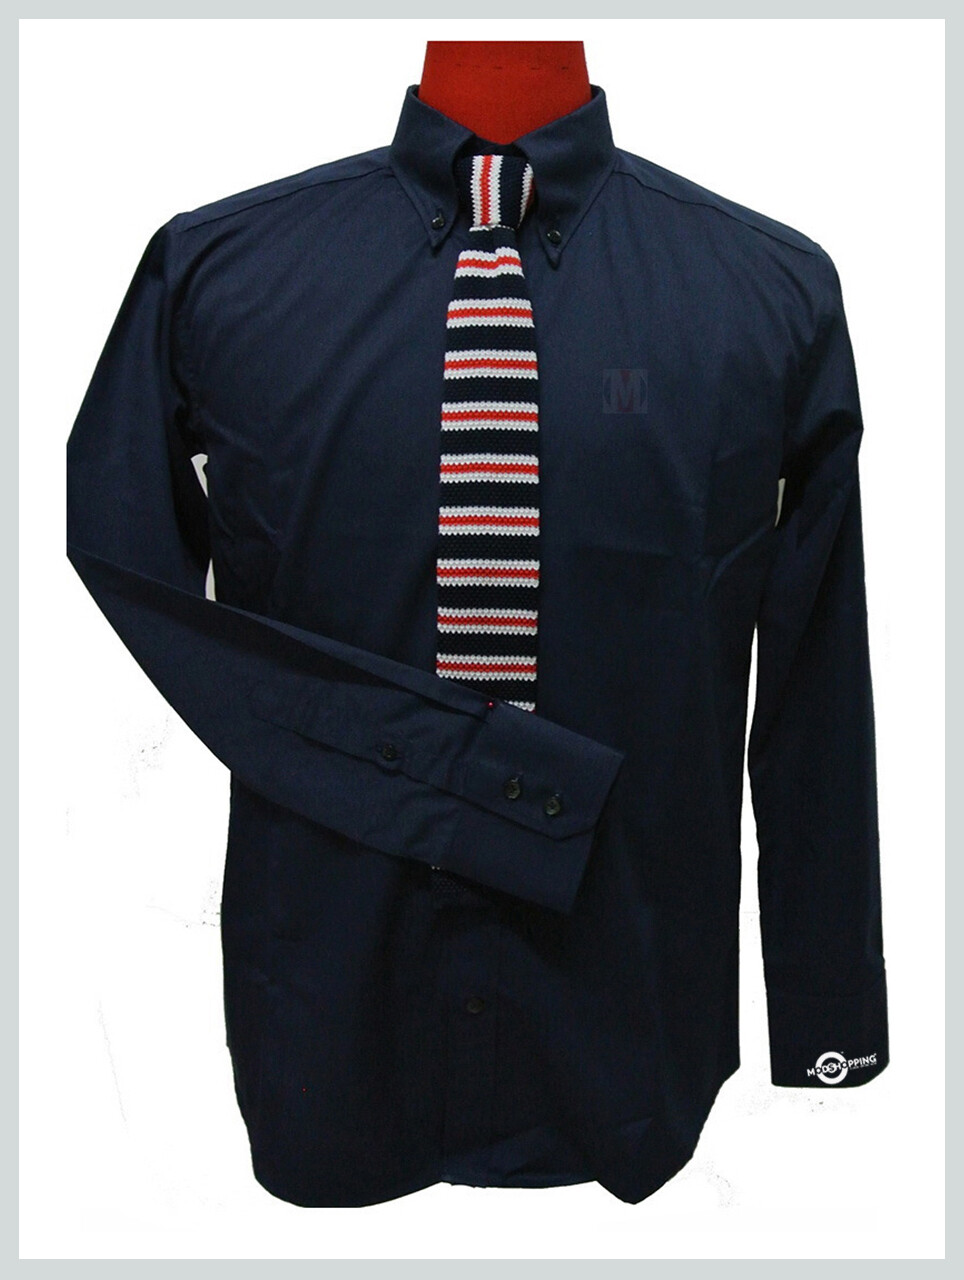 Button Down Shirt| Navy Blue Button Down Shirt For Men